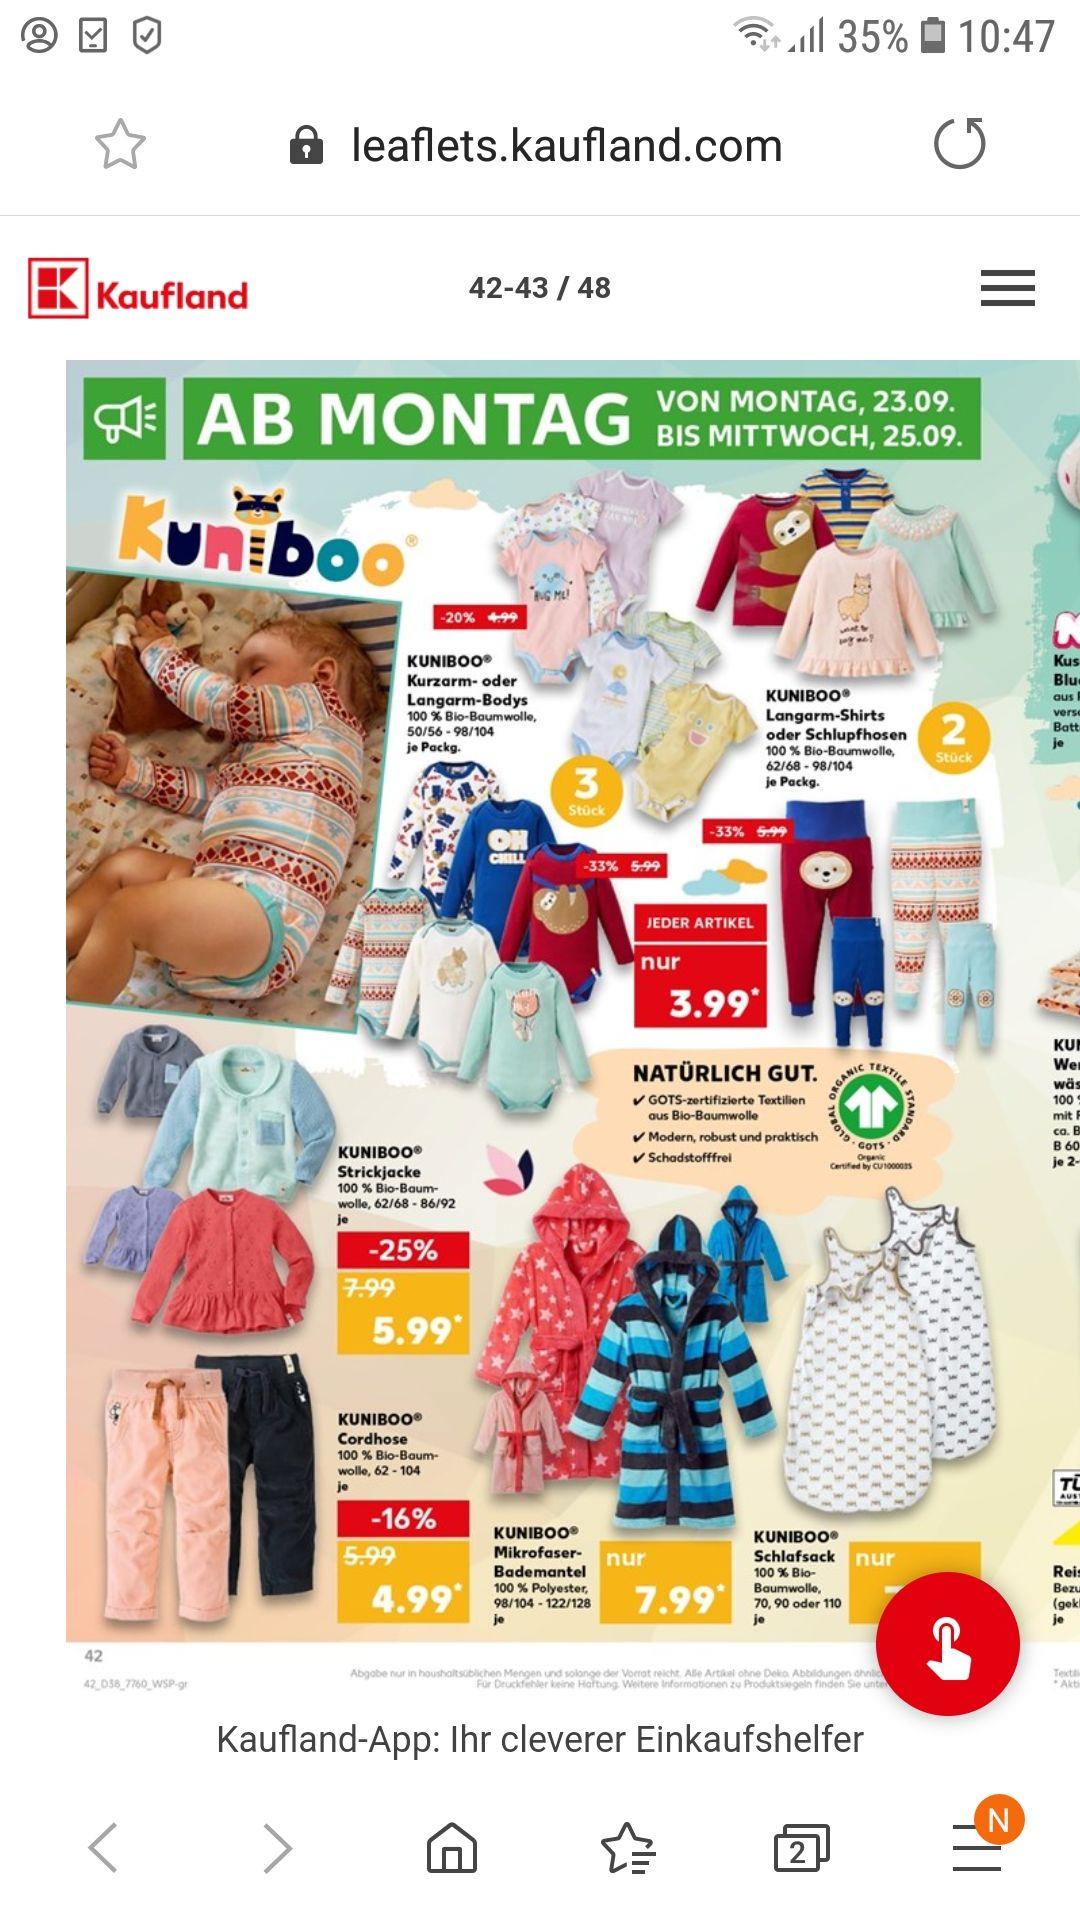 Kaufland Baby kleidung 3.99 €